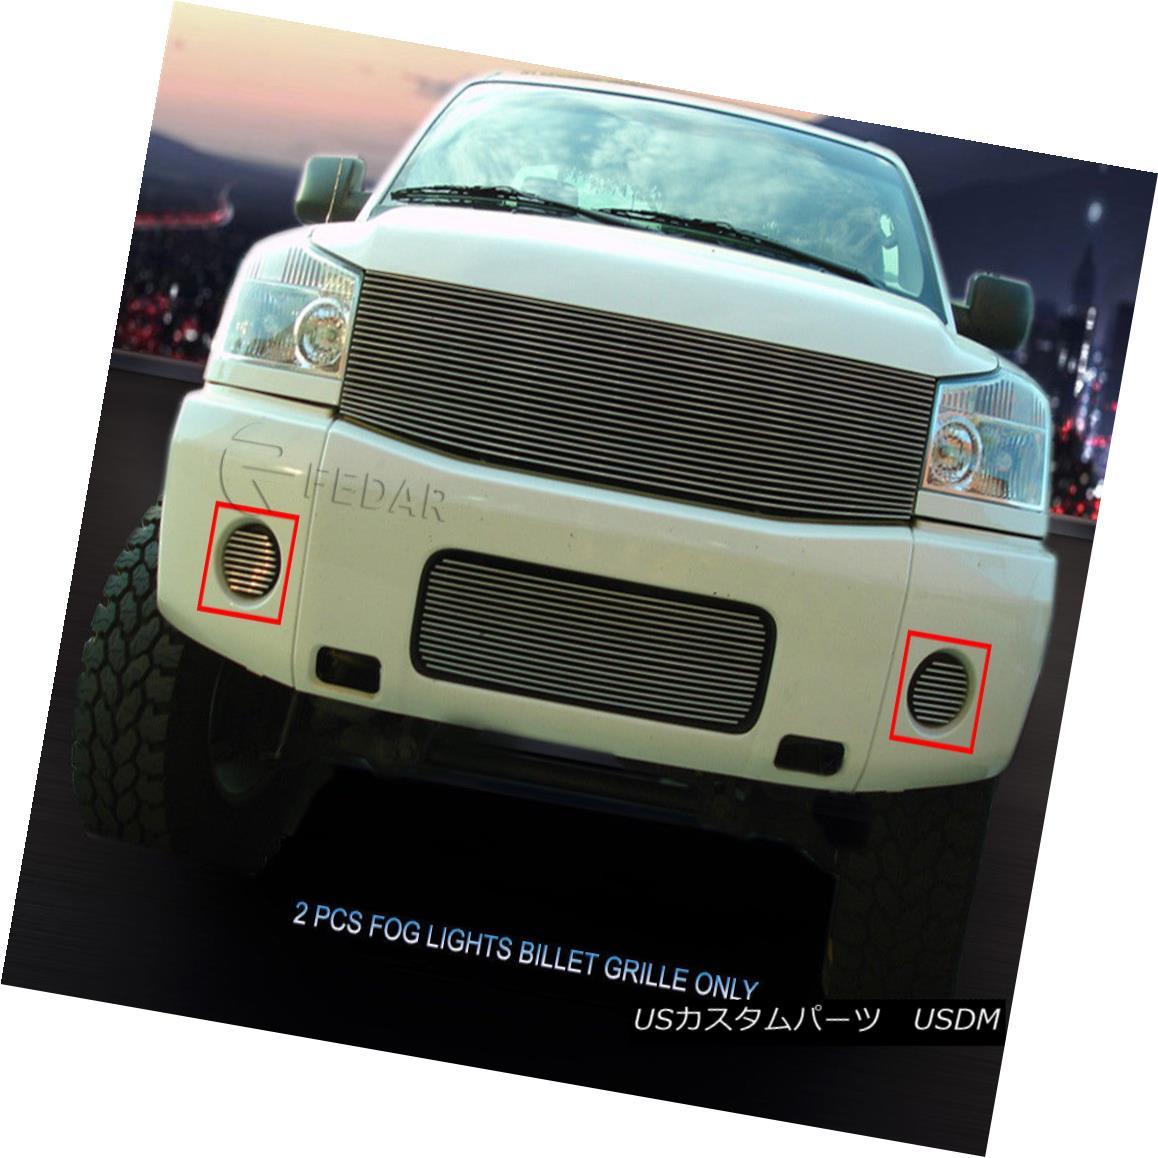 グリル Fedar Fits 04-07 Nissan Titan/Armada Polished Billet Grille Overlay Fedar Fits 04-07 Nissan Titan / Armadaポリッシュビレットグリルオーバーレイ